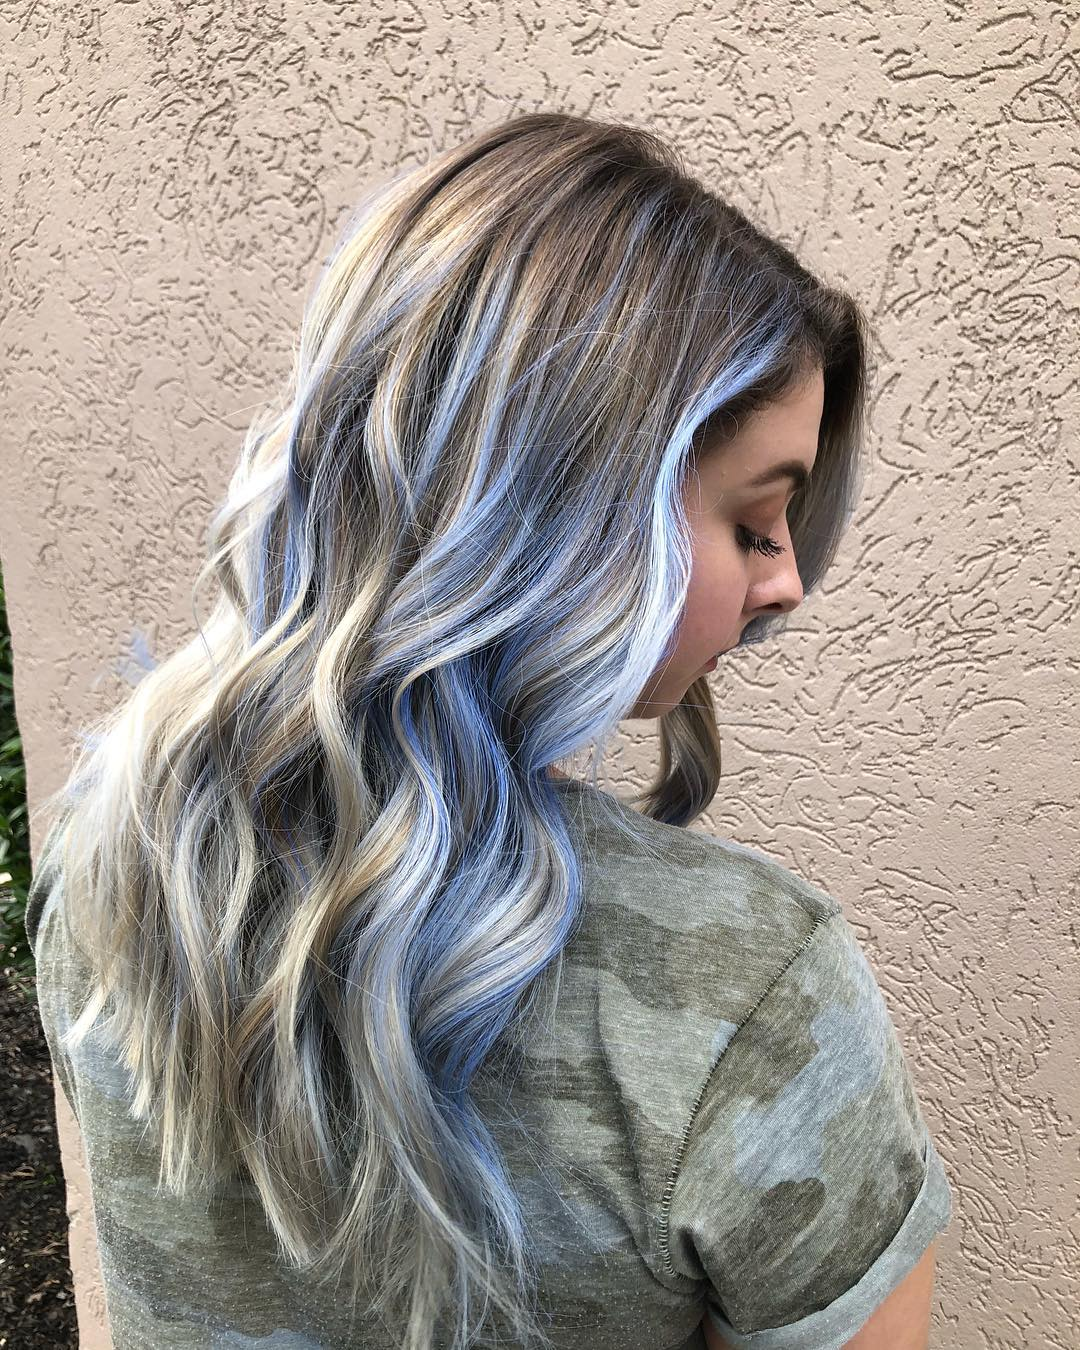 Best Temporary Hair Color Spray